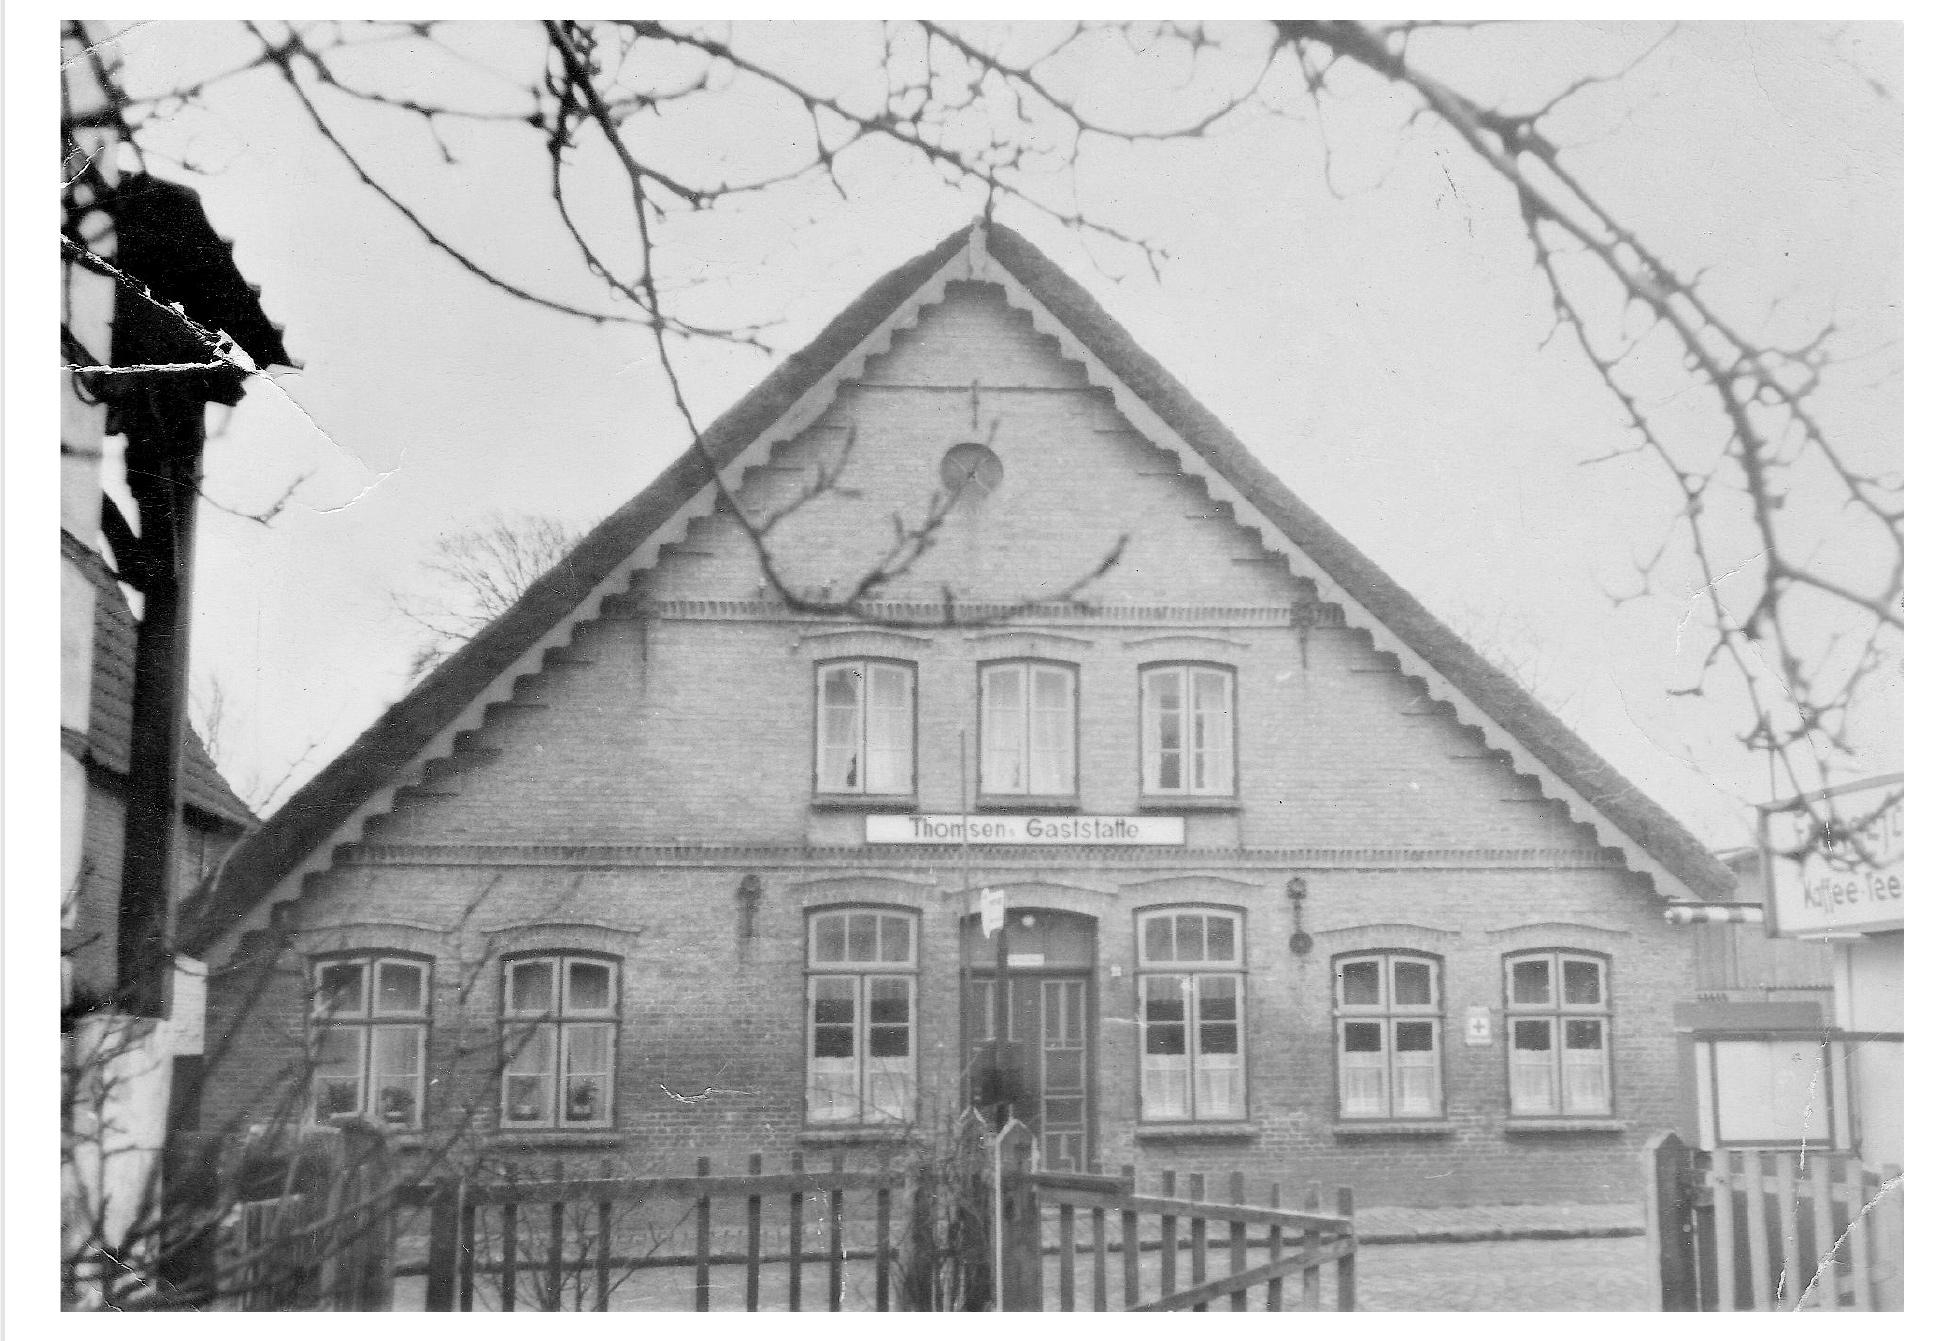 dorf_bilder/Chronik-Hennstedt-221-2.jpg